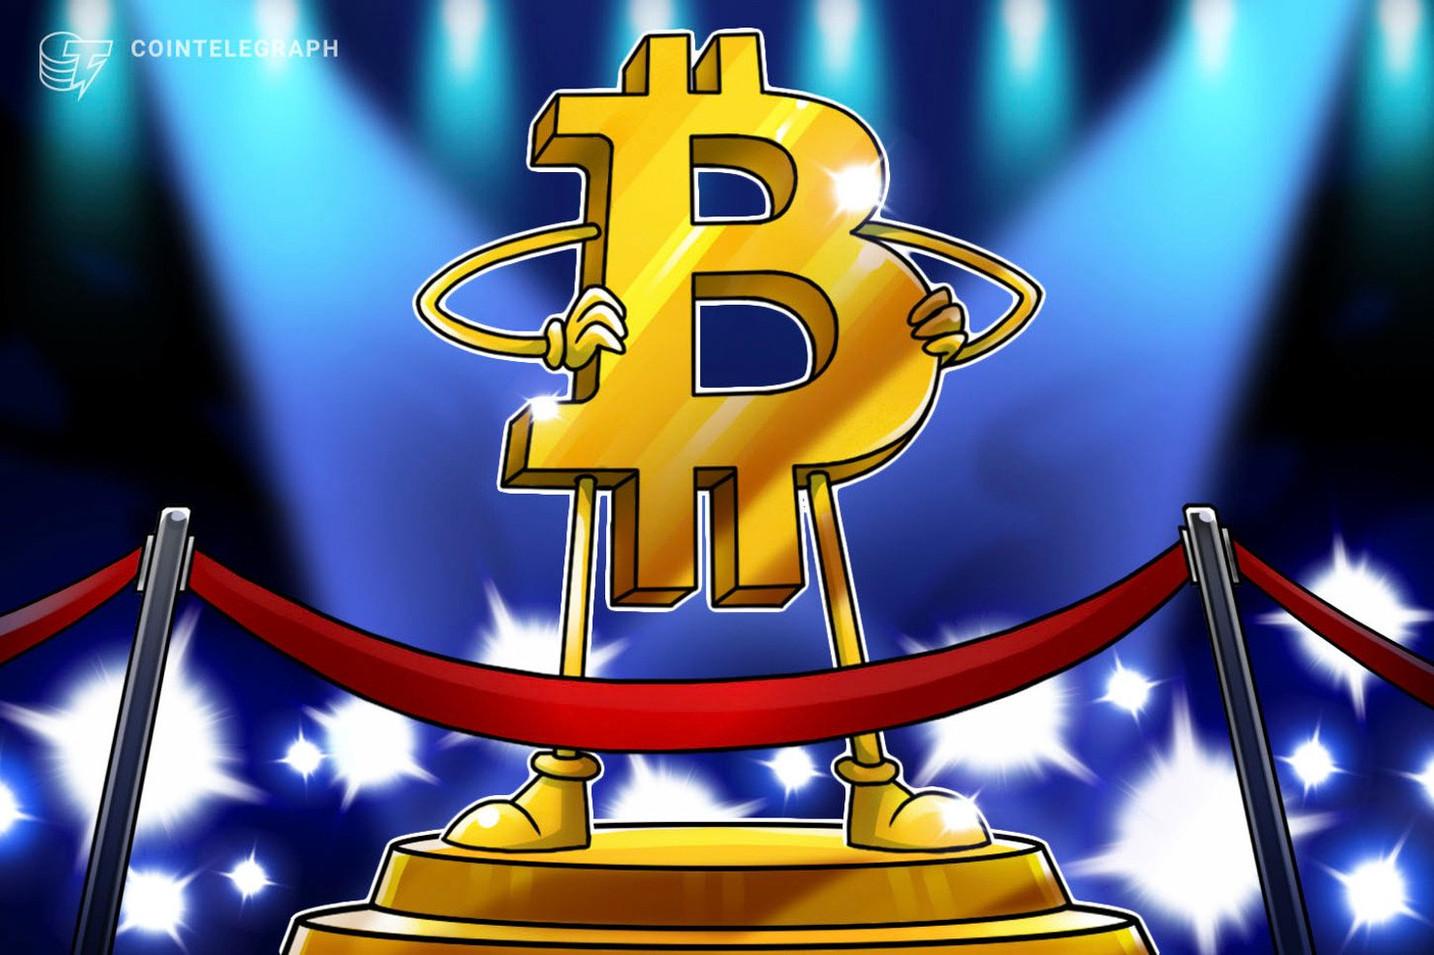 仮想通貨ビットコインのアドレス、89%が利益に 中期的な強気サイクルを暗示